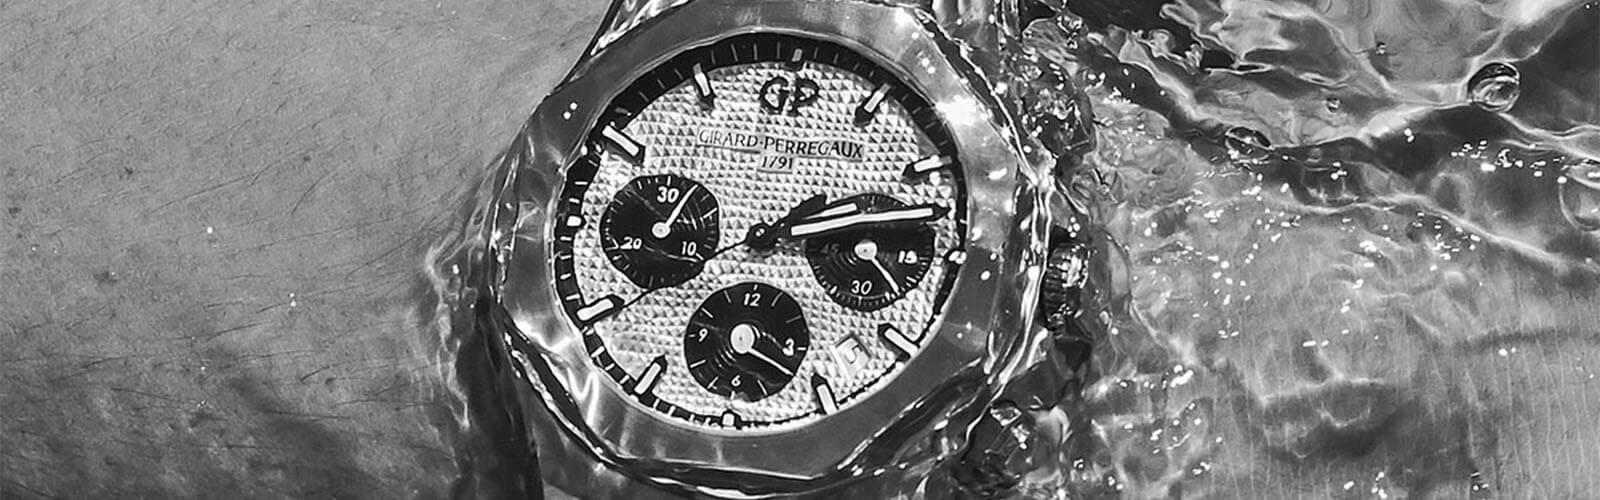 GIRARD PERREGAUX Laureato Chronograph_COVER1